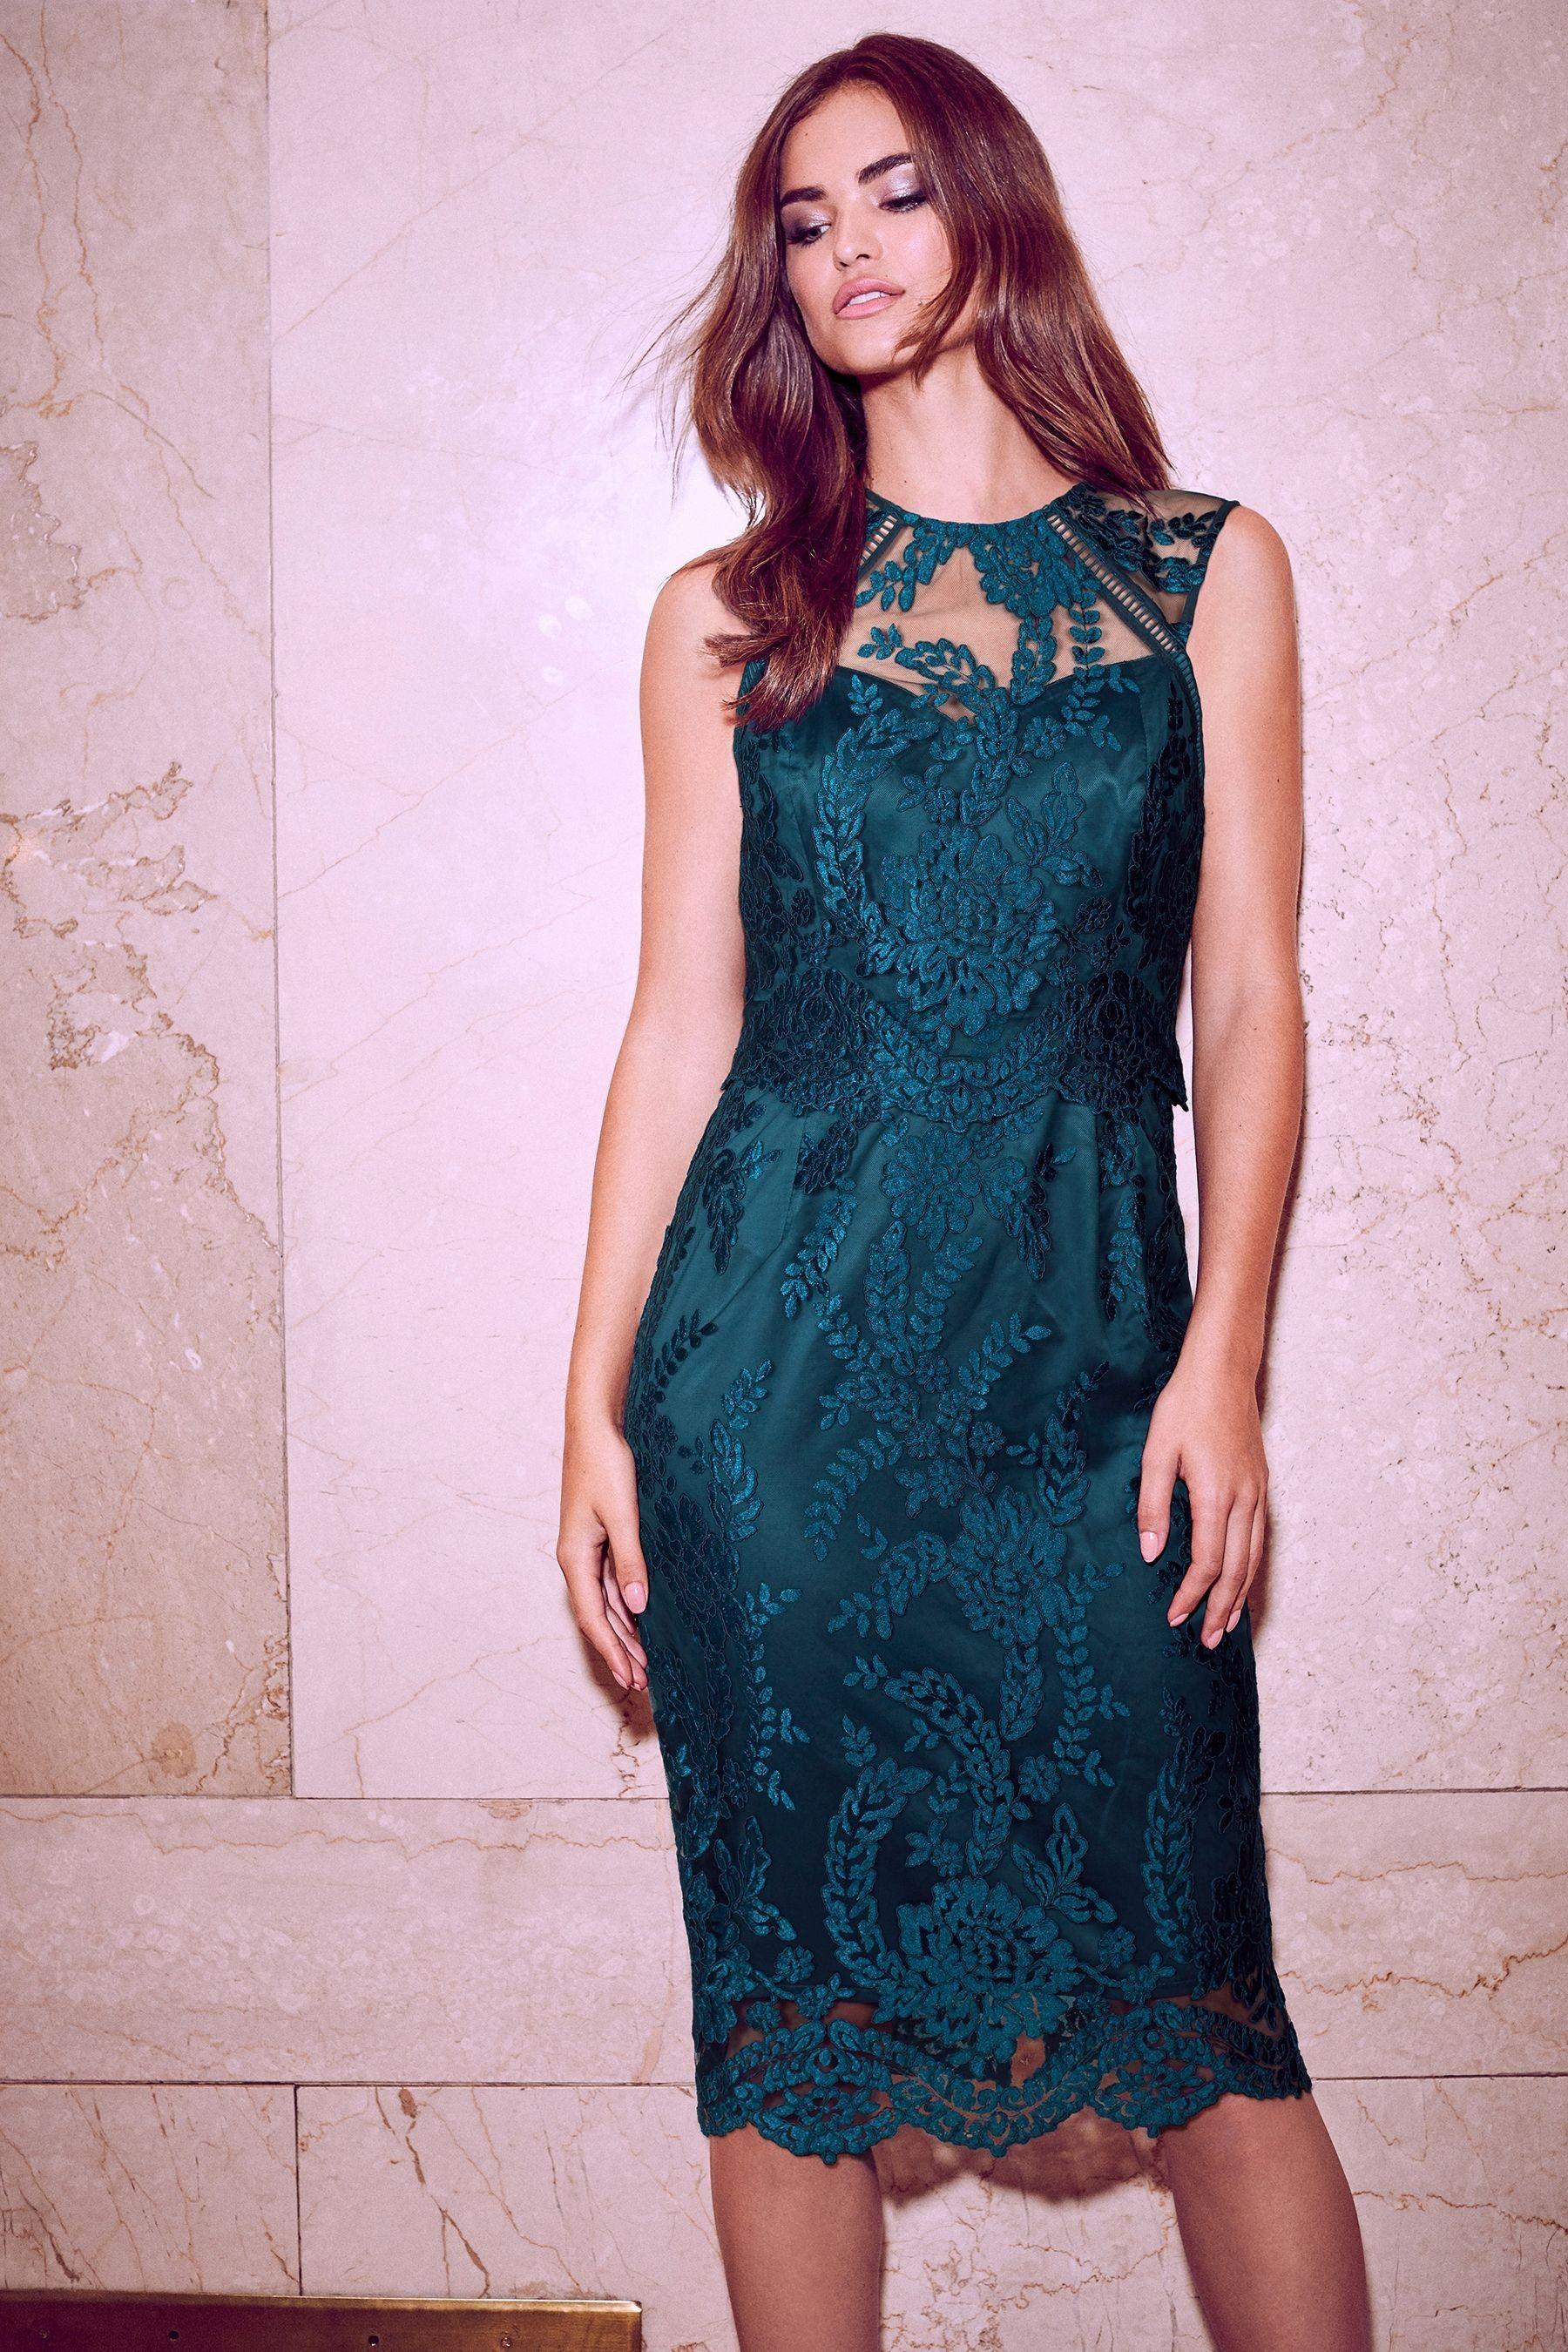 67de25f2c4eda Womens Lipsy Petite VIP Sequin Scallop Lace Midi Dress - Green ...